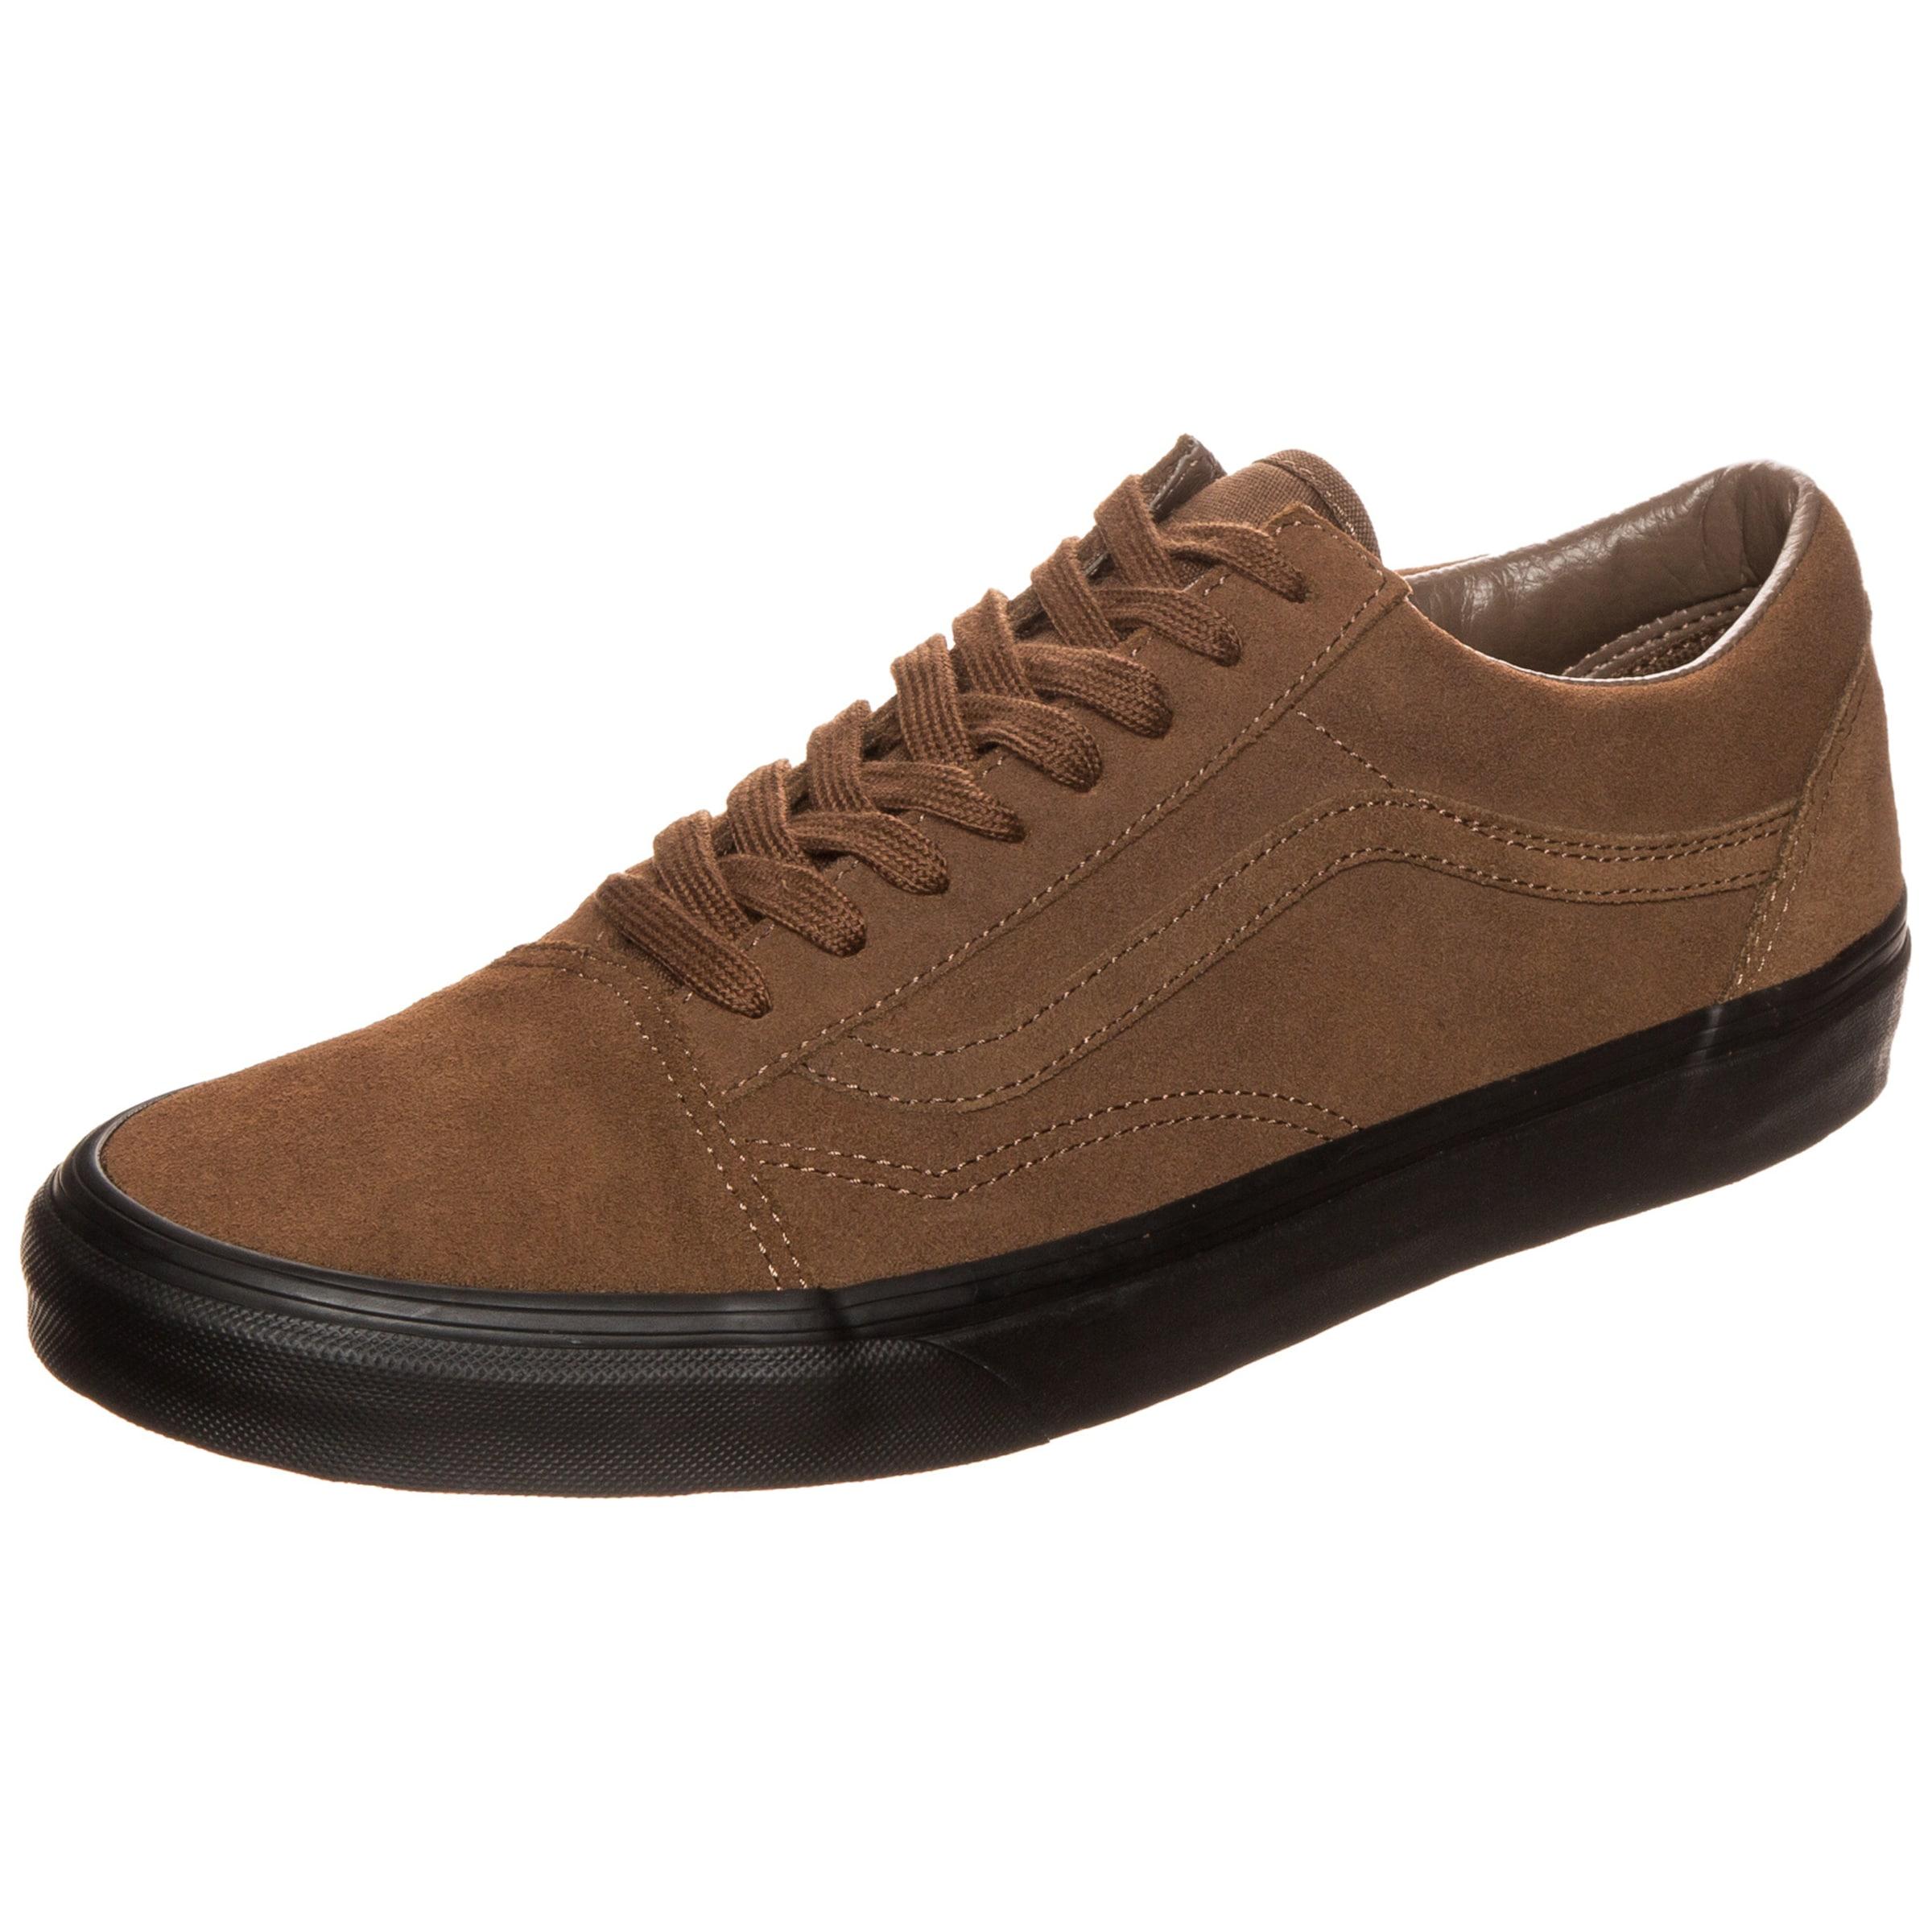 VANS Old Skool Suede Sneaker Hohe Qualität